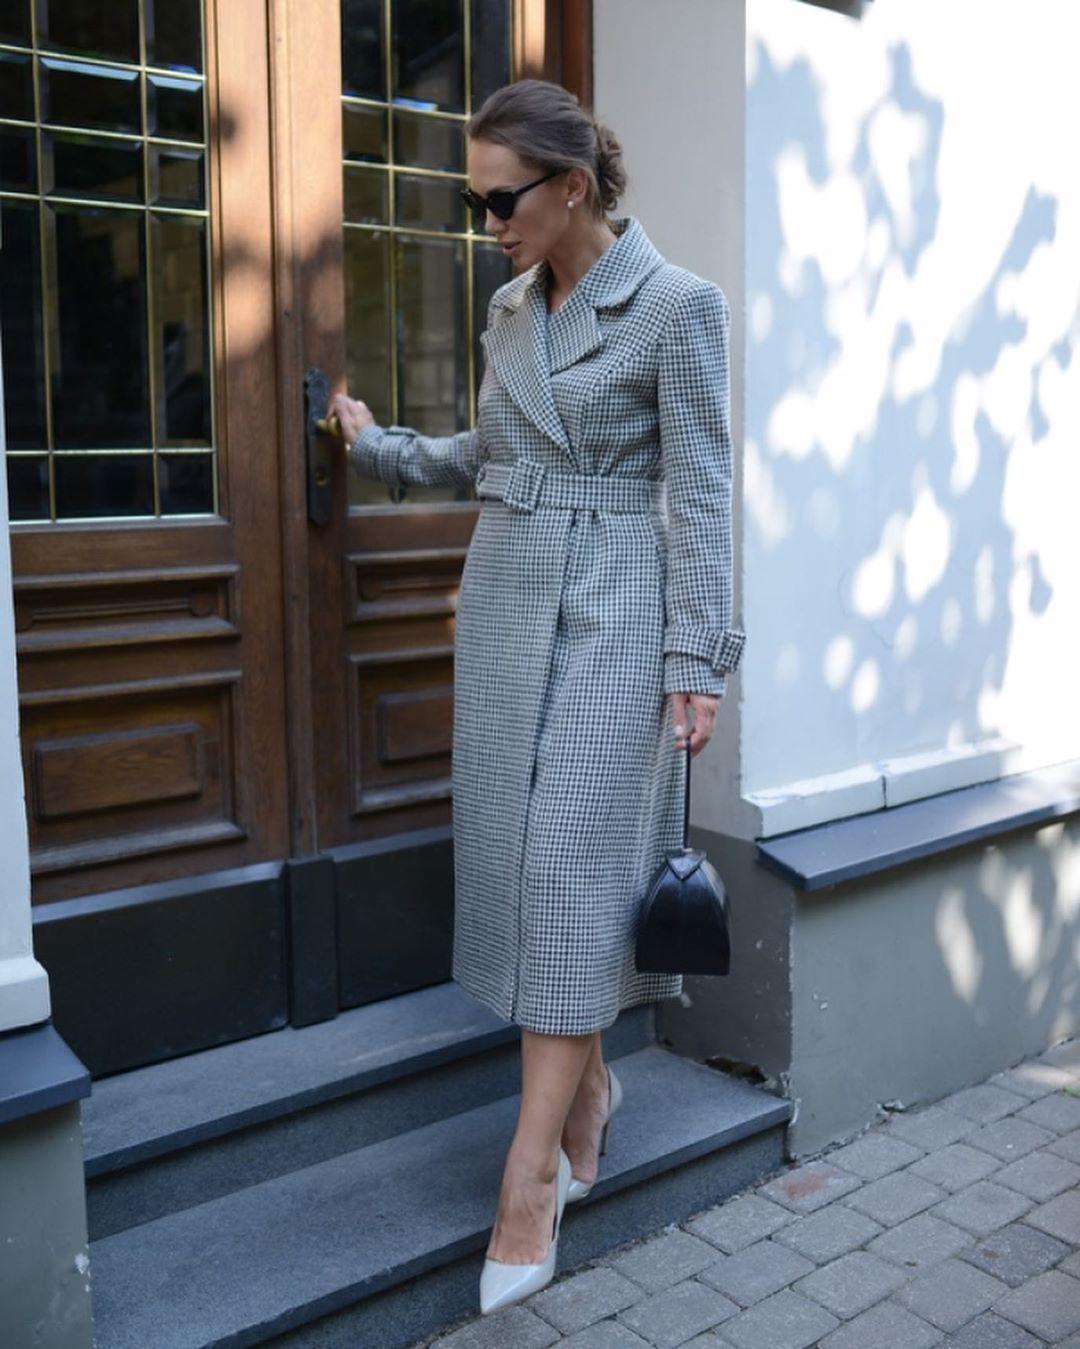 модные образы для бизнес-леди осень 2019 фото 7